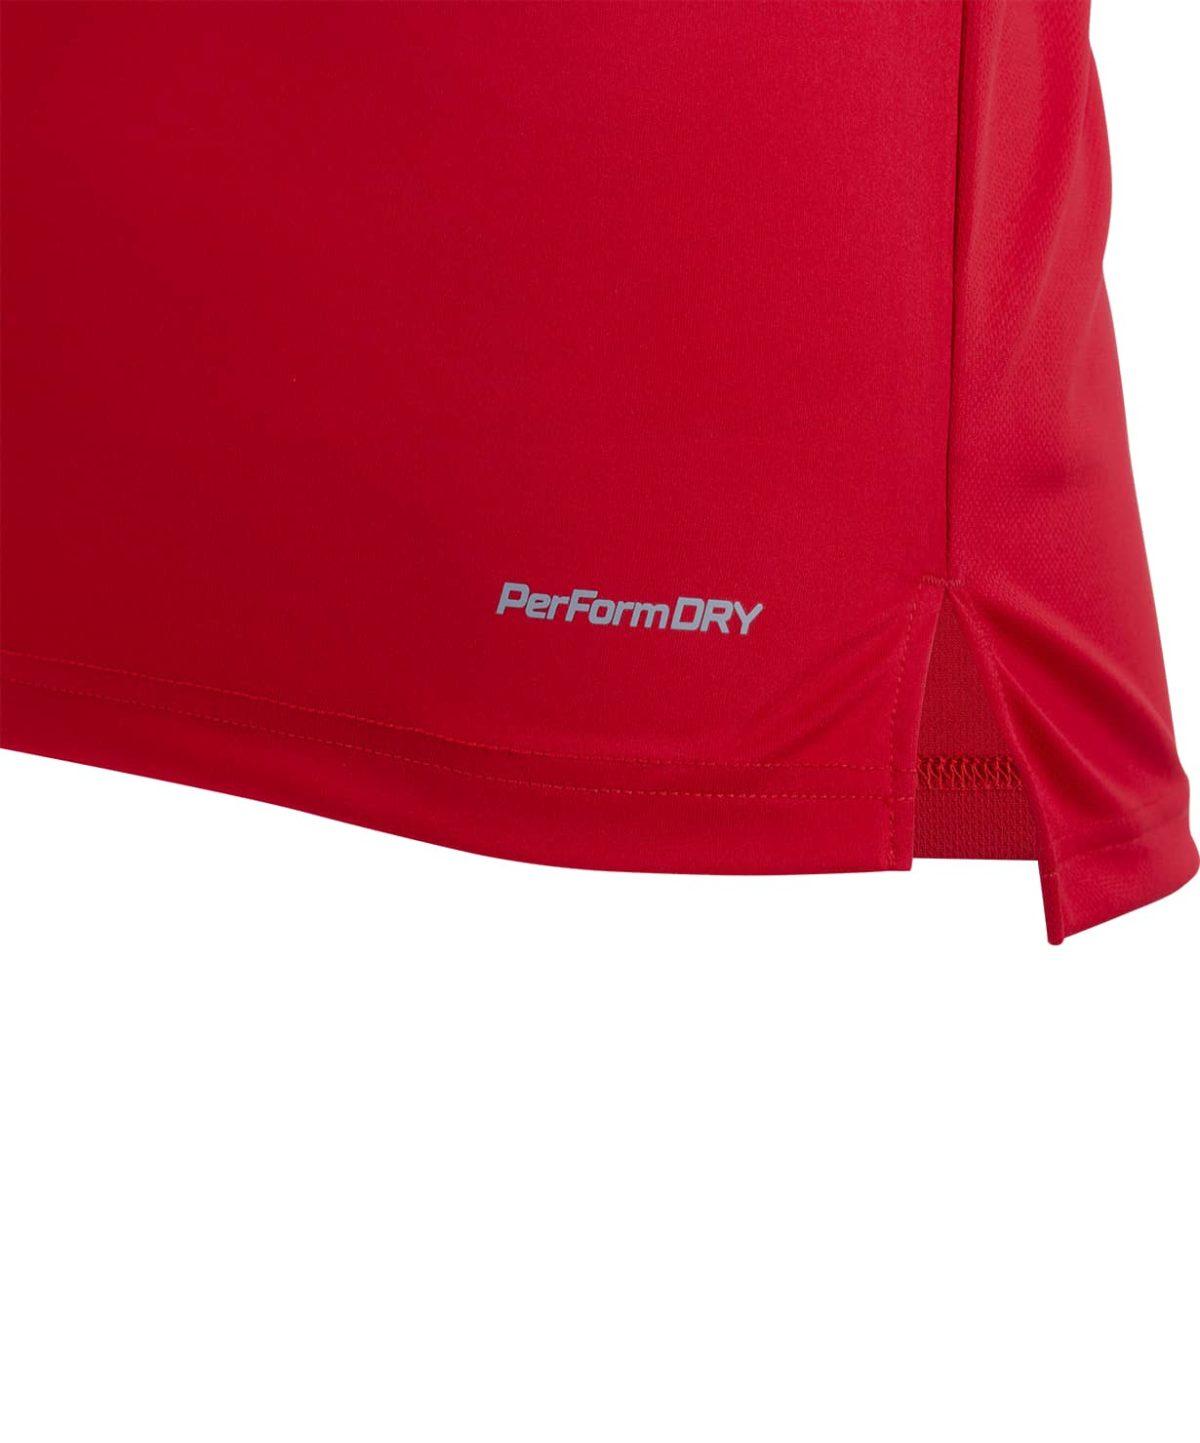 JOGEL DIVISION футболка футбольная детская  Union Jersey: т.красный/белый - 4